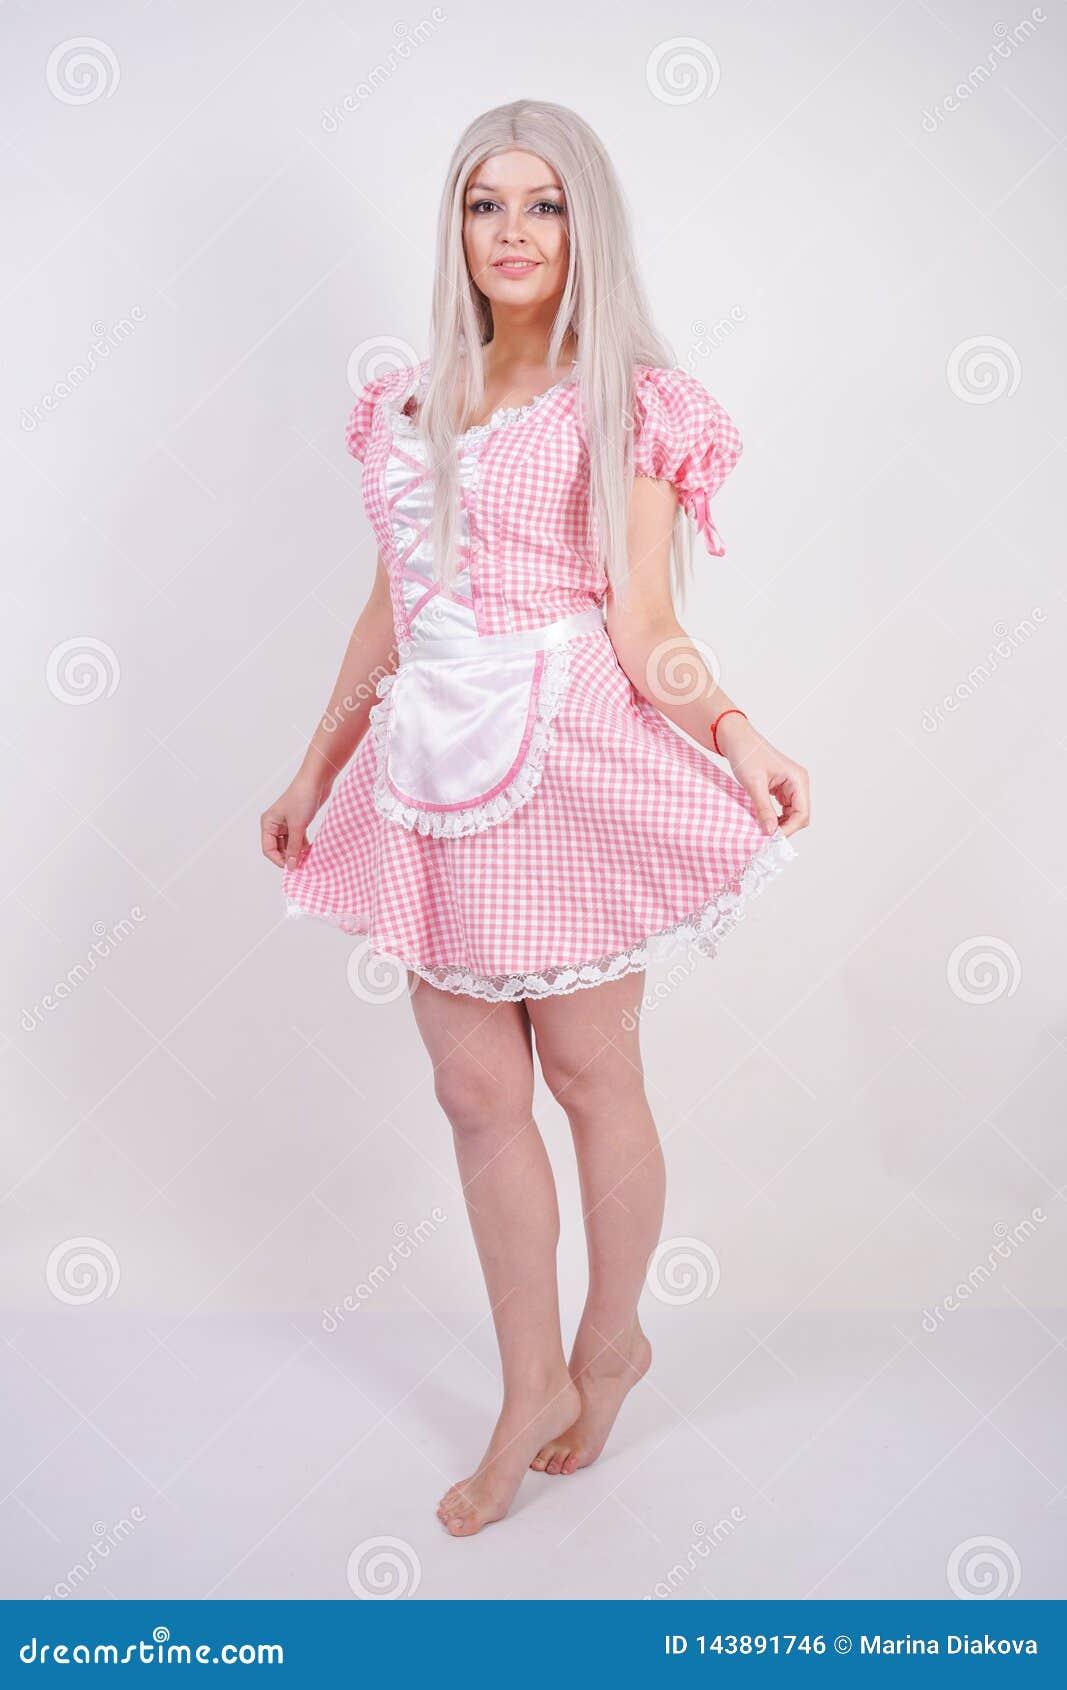 Nettes junges kaukasisches jugendlich Mädchen im bayerischen Kleid des Rosaplaids mit dem Schutzblech, das auf festem Hintergrund